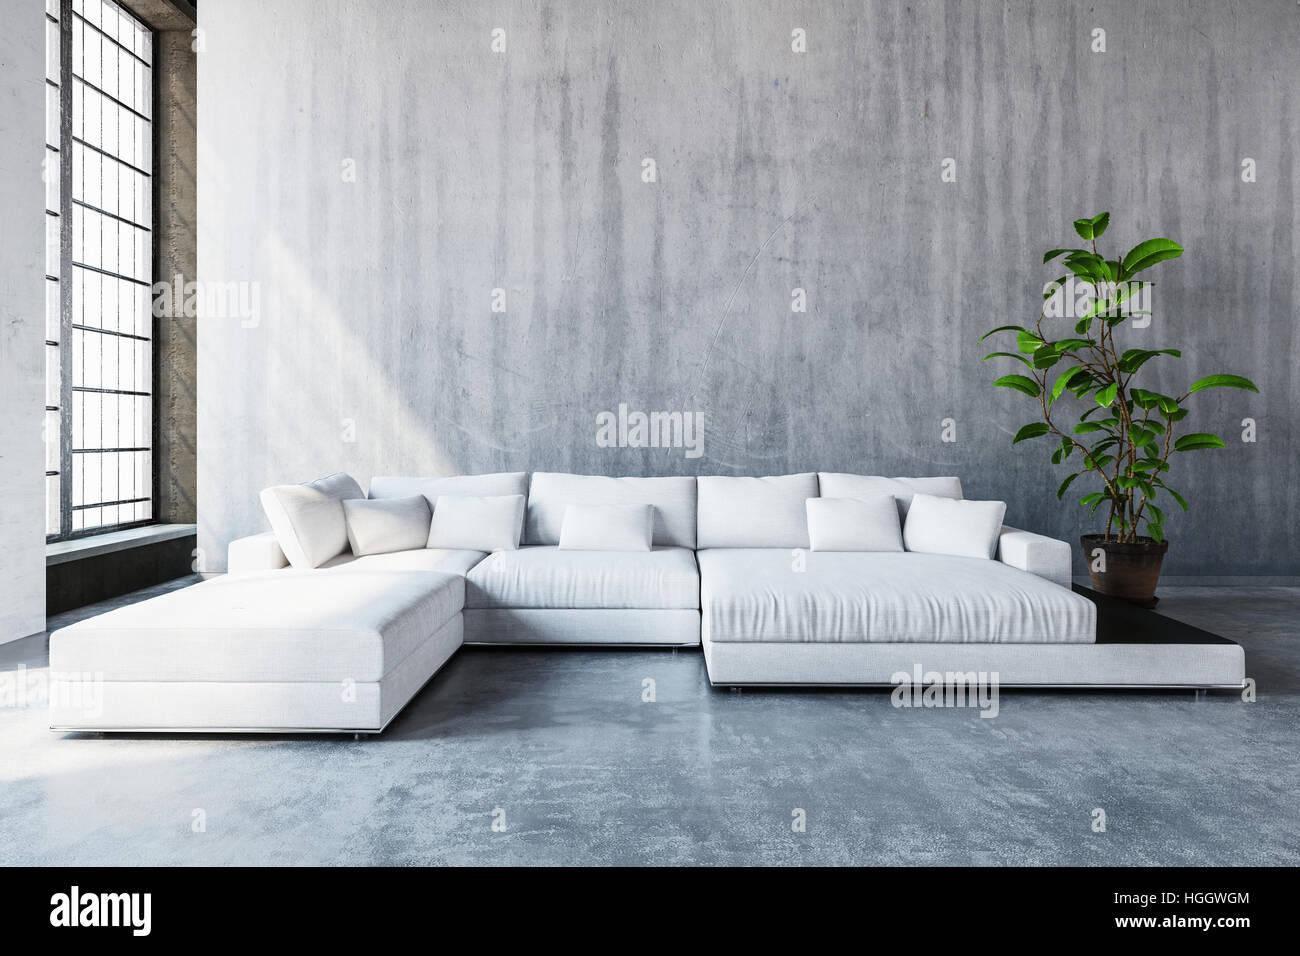 stilvolle moderne wei e modulare tag schlafsofa mit kissen in ein ger umiges wohnzimmer mit. Black Bedroom Furniture Sets. Home Design Ideas